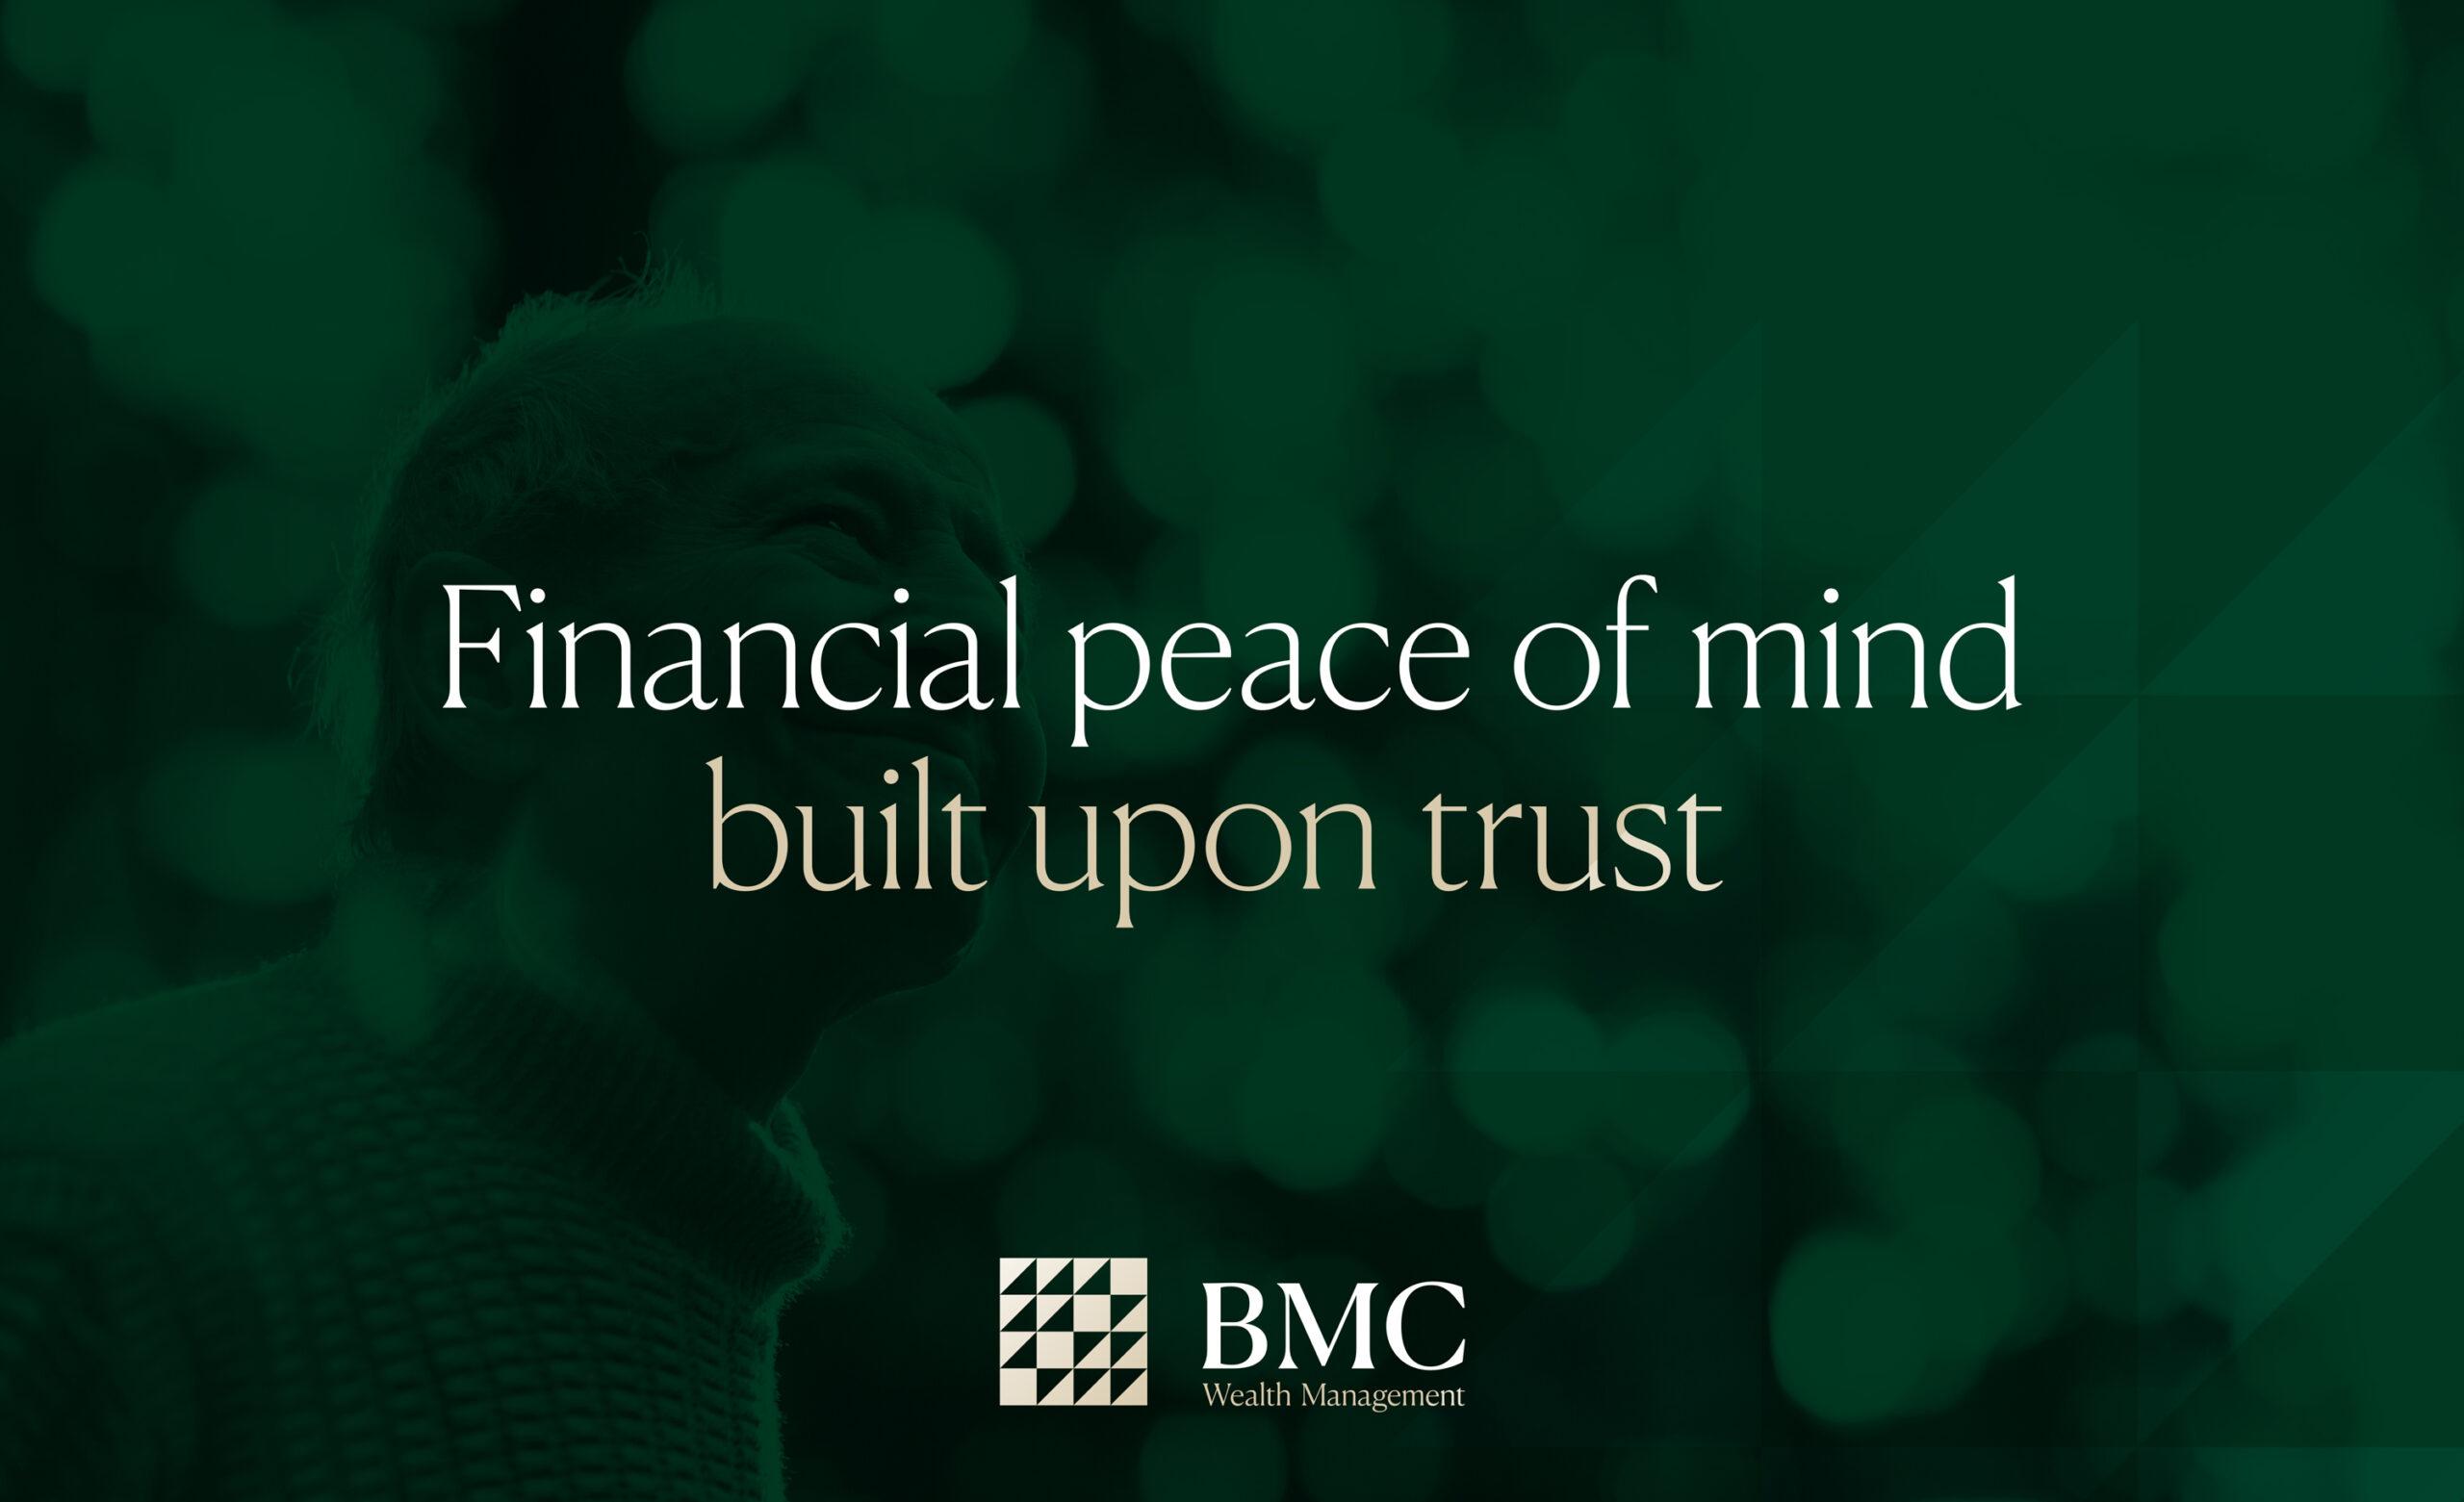 BMC Wealth Management brand hero image with strapline